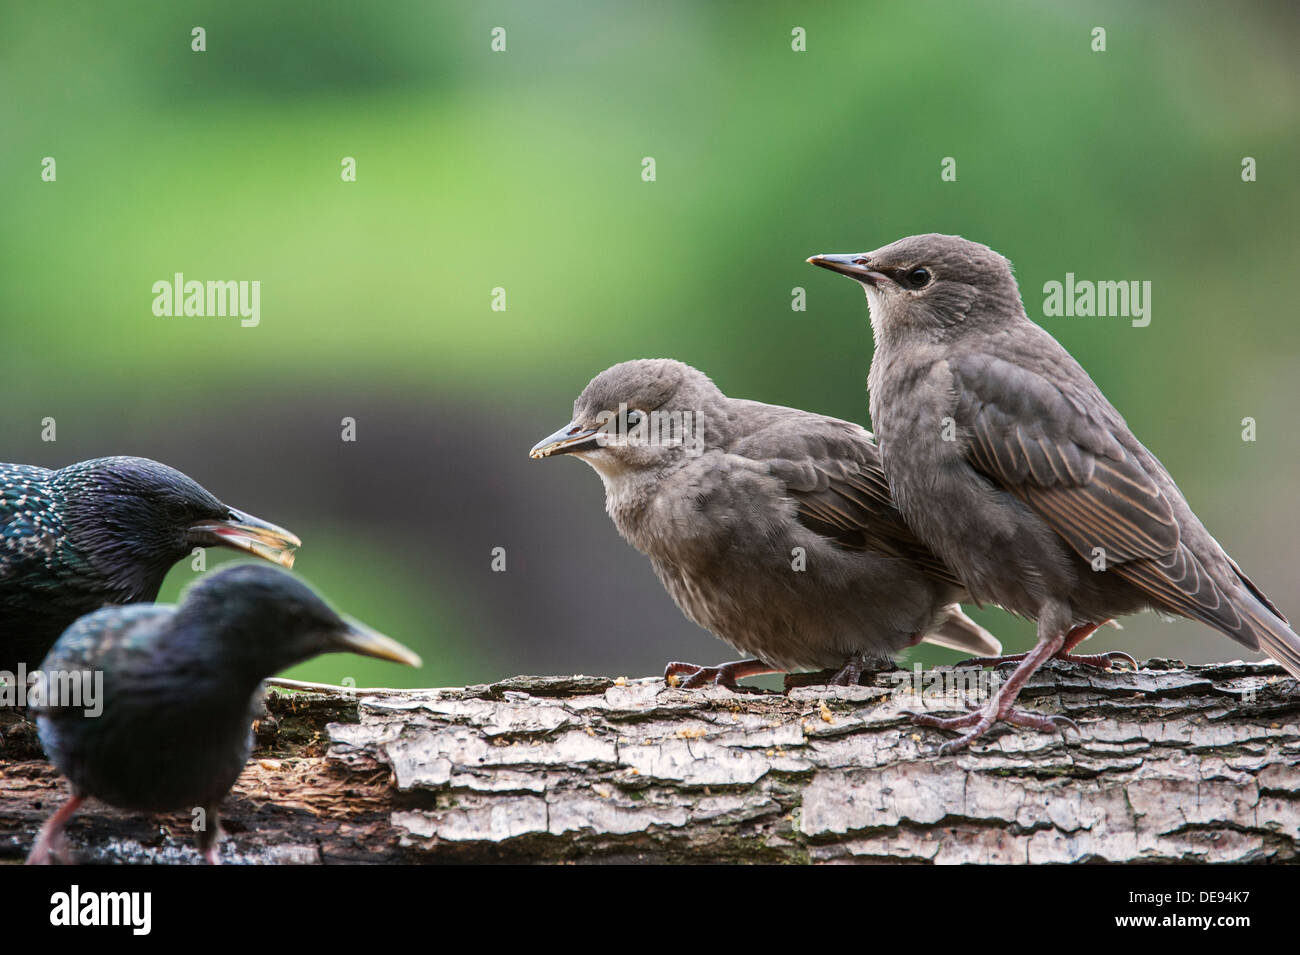 Deux Étourneau sansonnet / l'étourneau sansonnet (Sturnus vulgaris) l'envol des oiseaux adultes la mendicité pour la nourriture au printemps Photo Stock